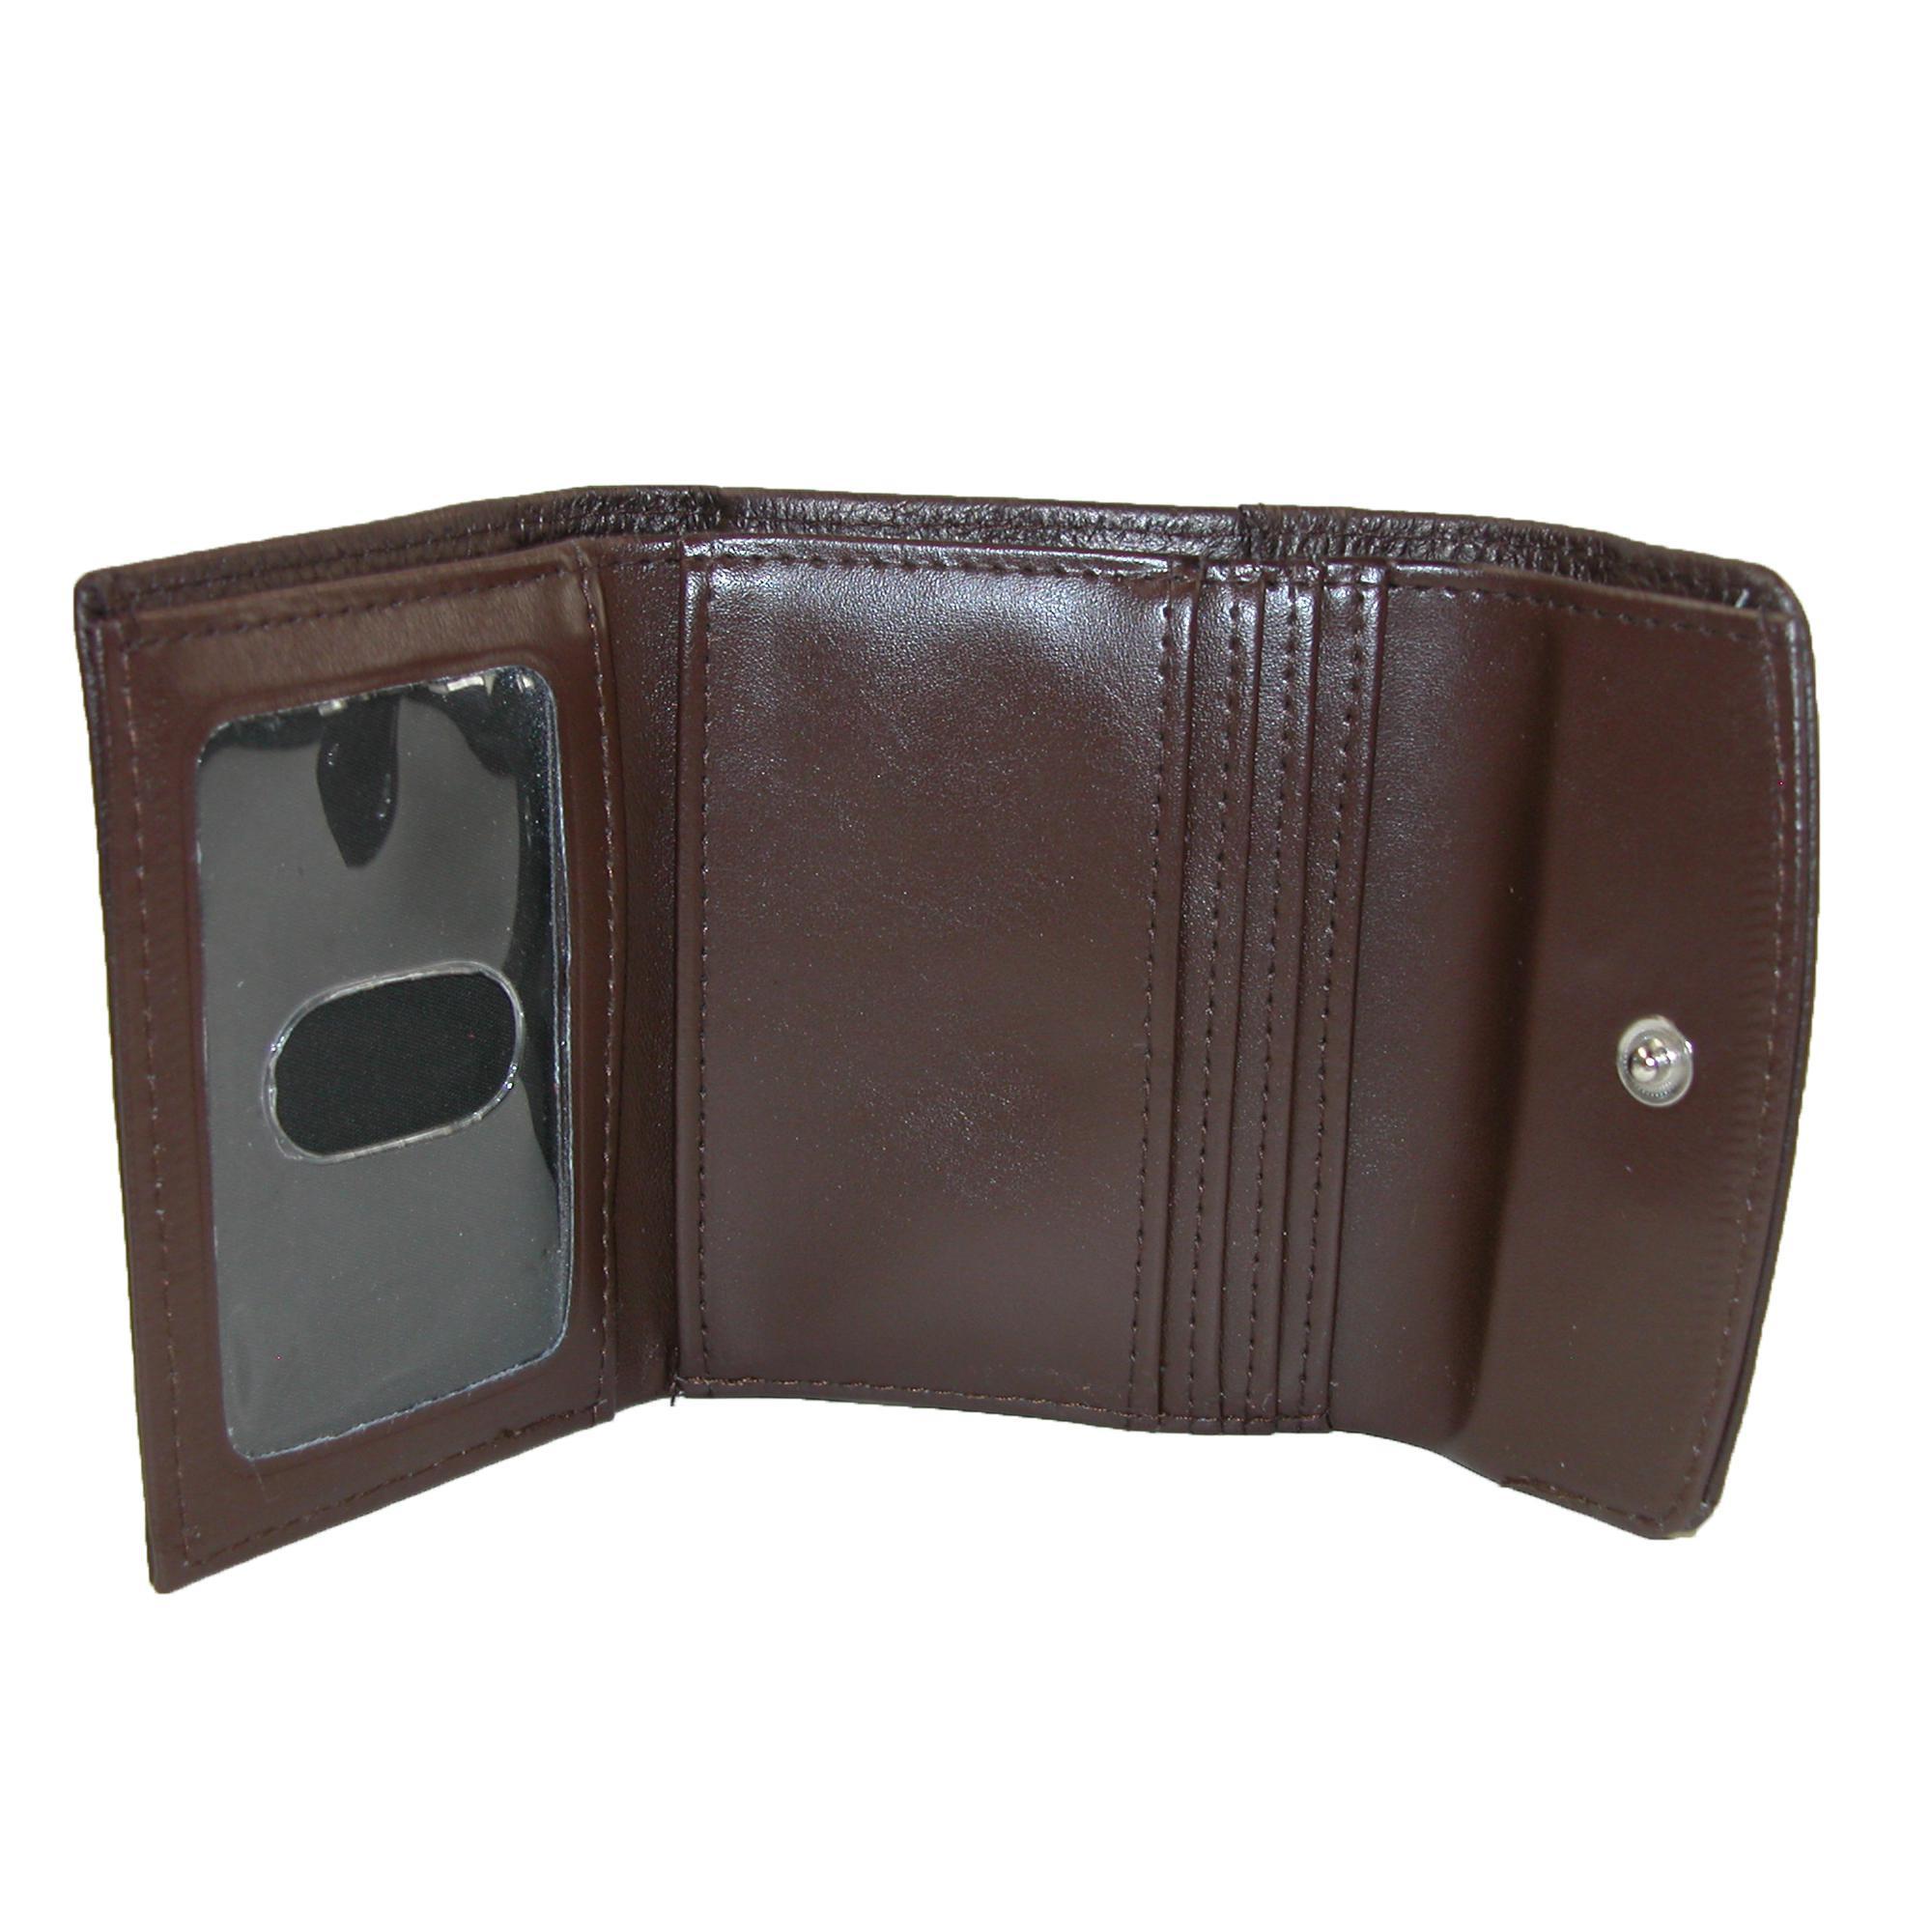 New-Buxton-Women-039-s-Leather-Mini-Tri-Fold-Wallet thumbnail 7